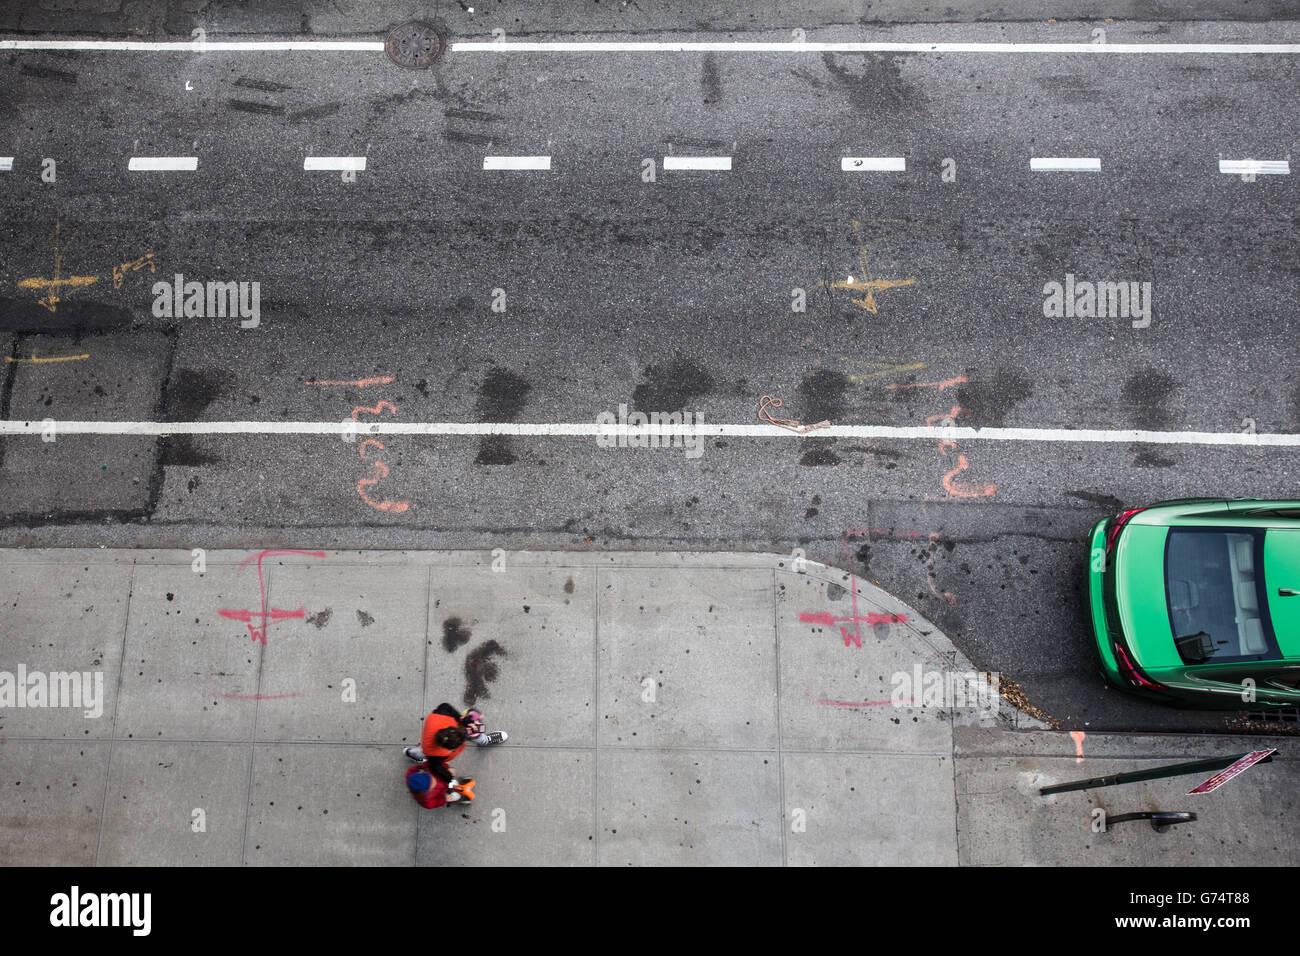 Draufsicht des New Yorker Straßenszene mit Fußgängerzone und dem grünen Auto Stockbild